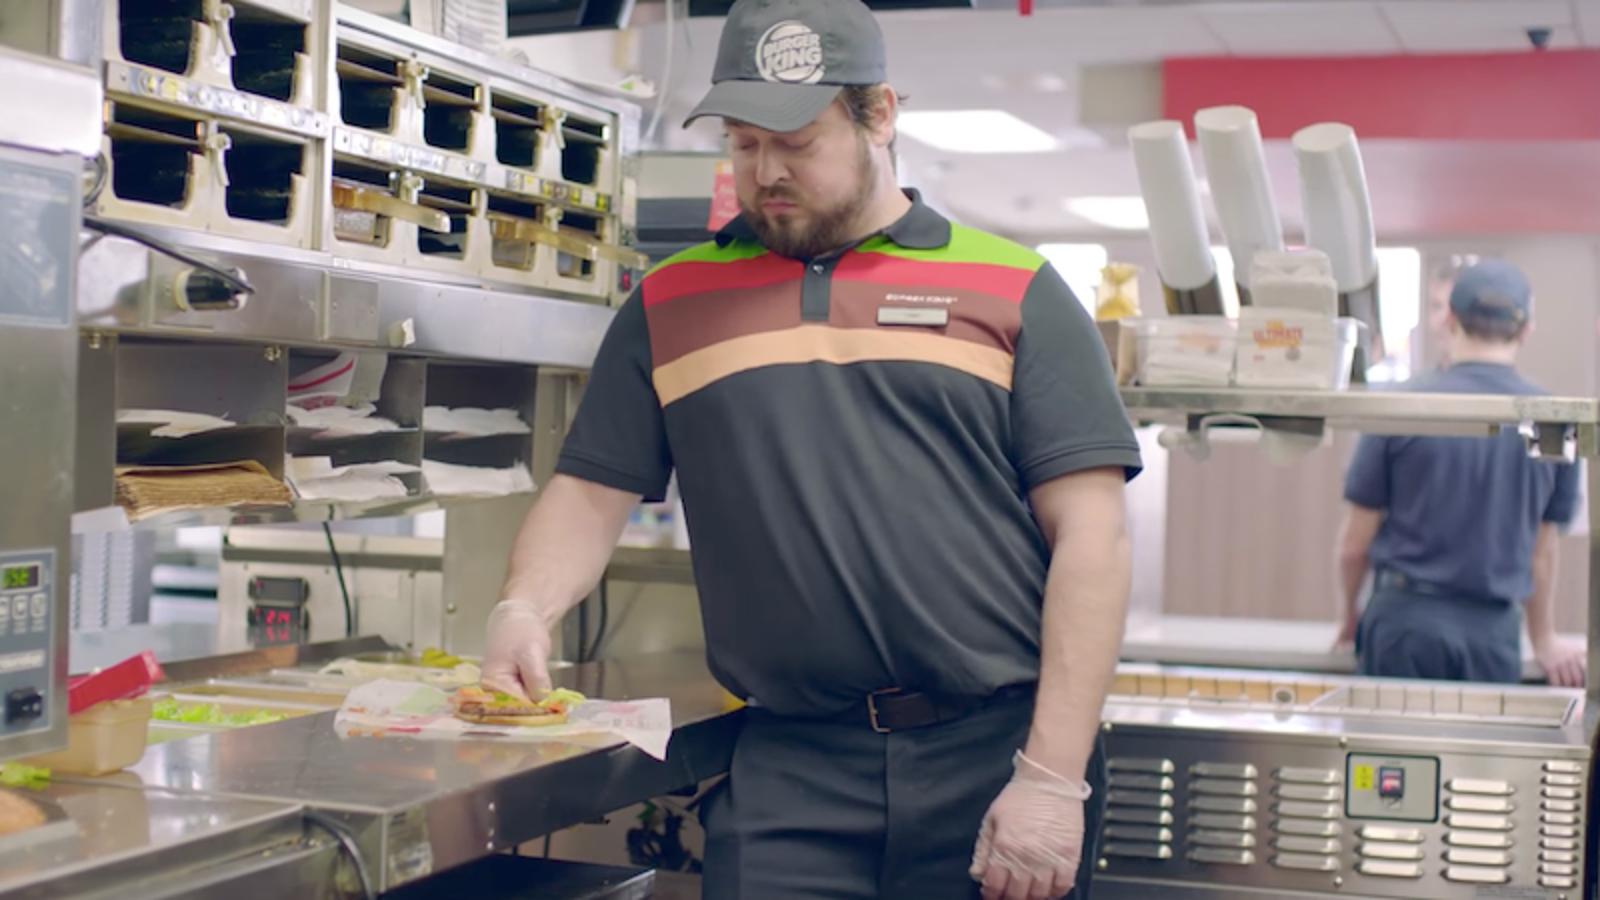 Un anuncio de Burger King afirma que la gente defiende más a una hamburguesa que a un adolescente